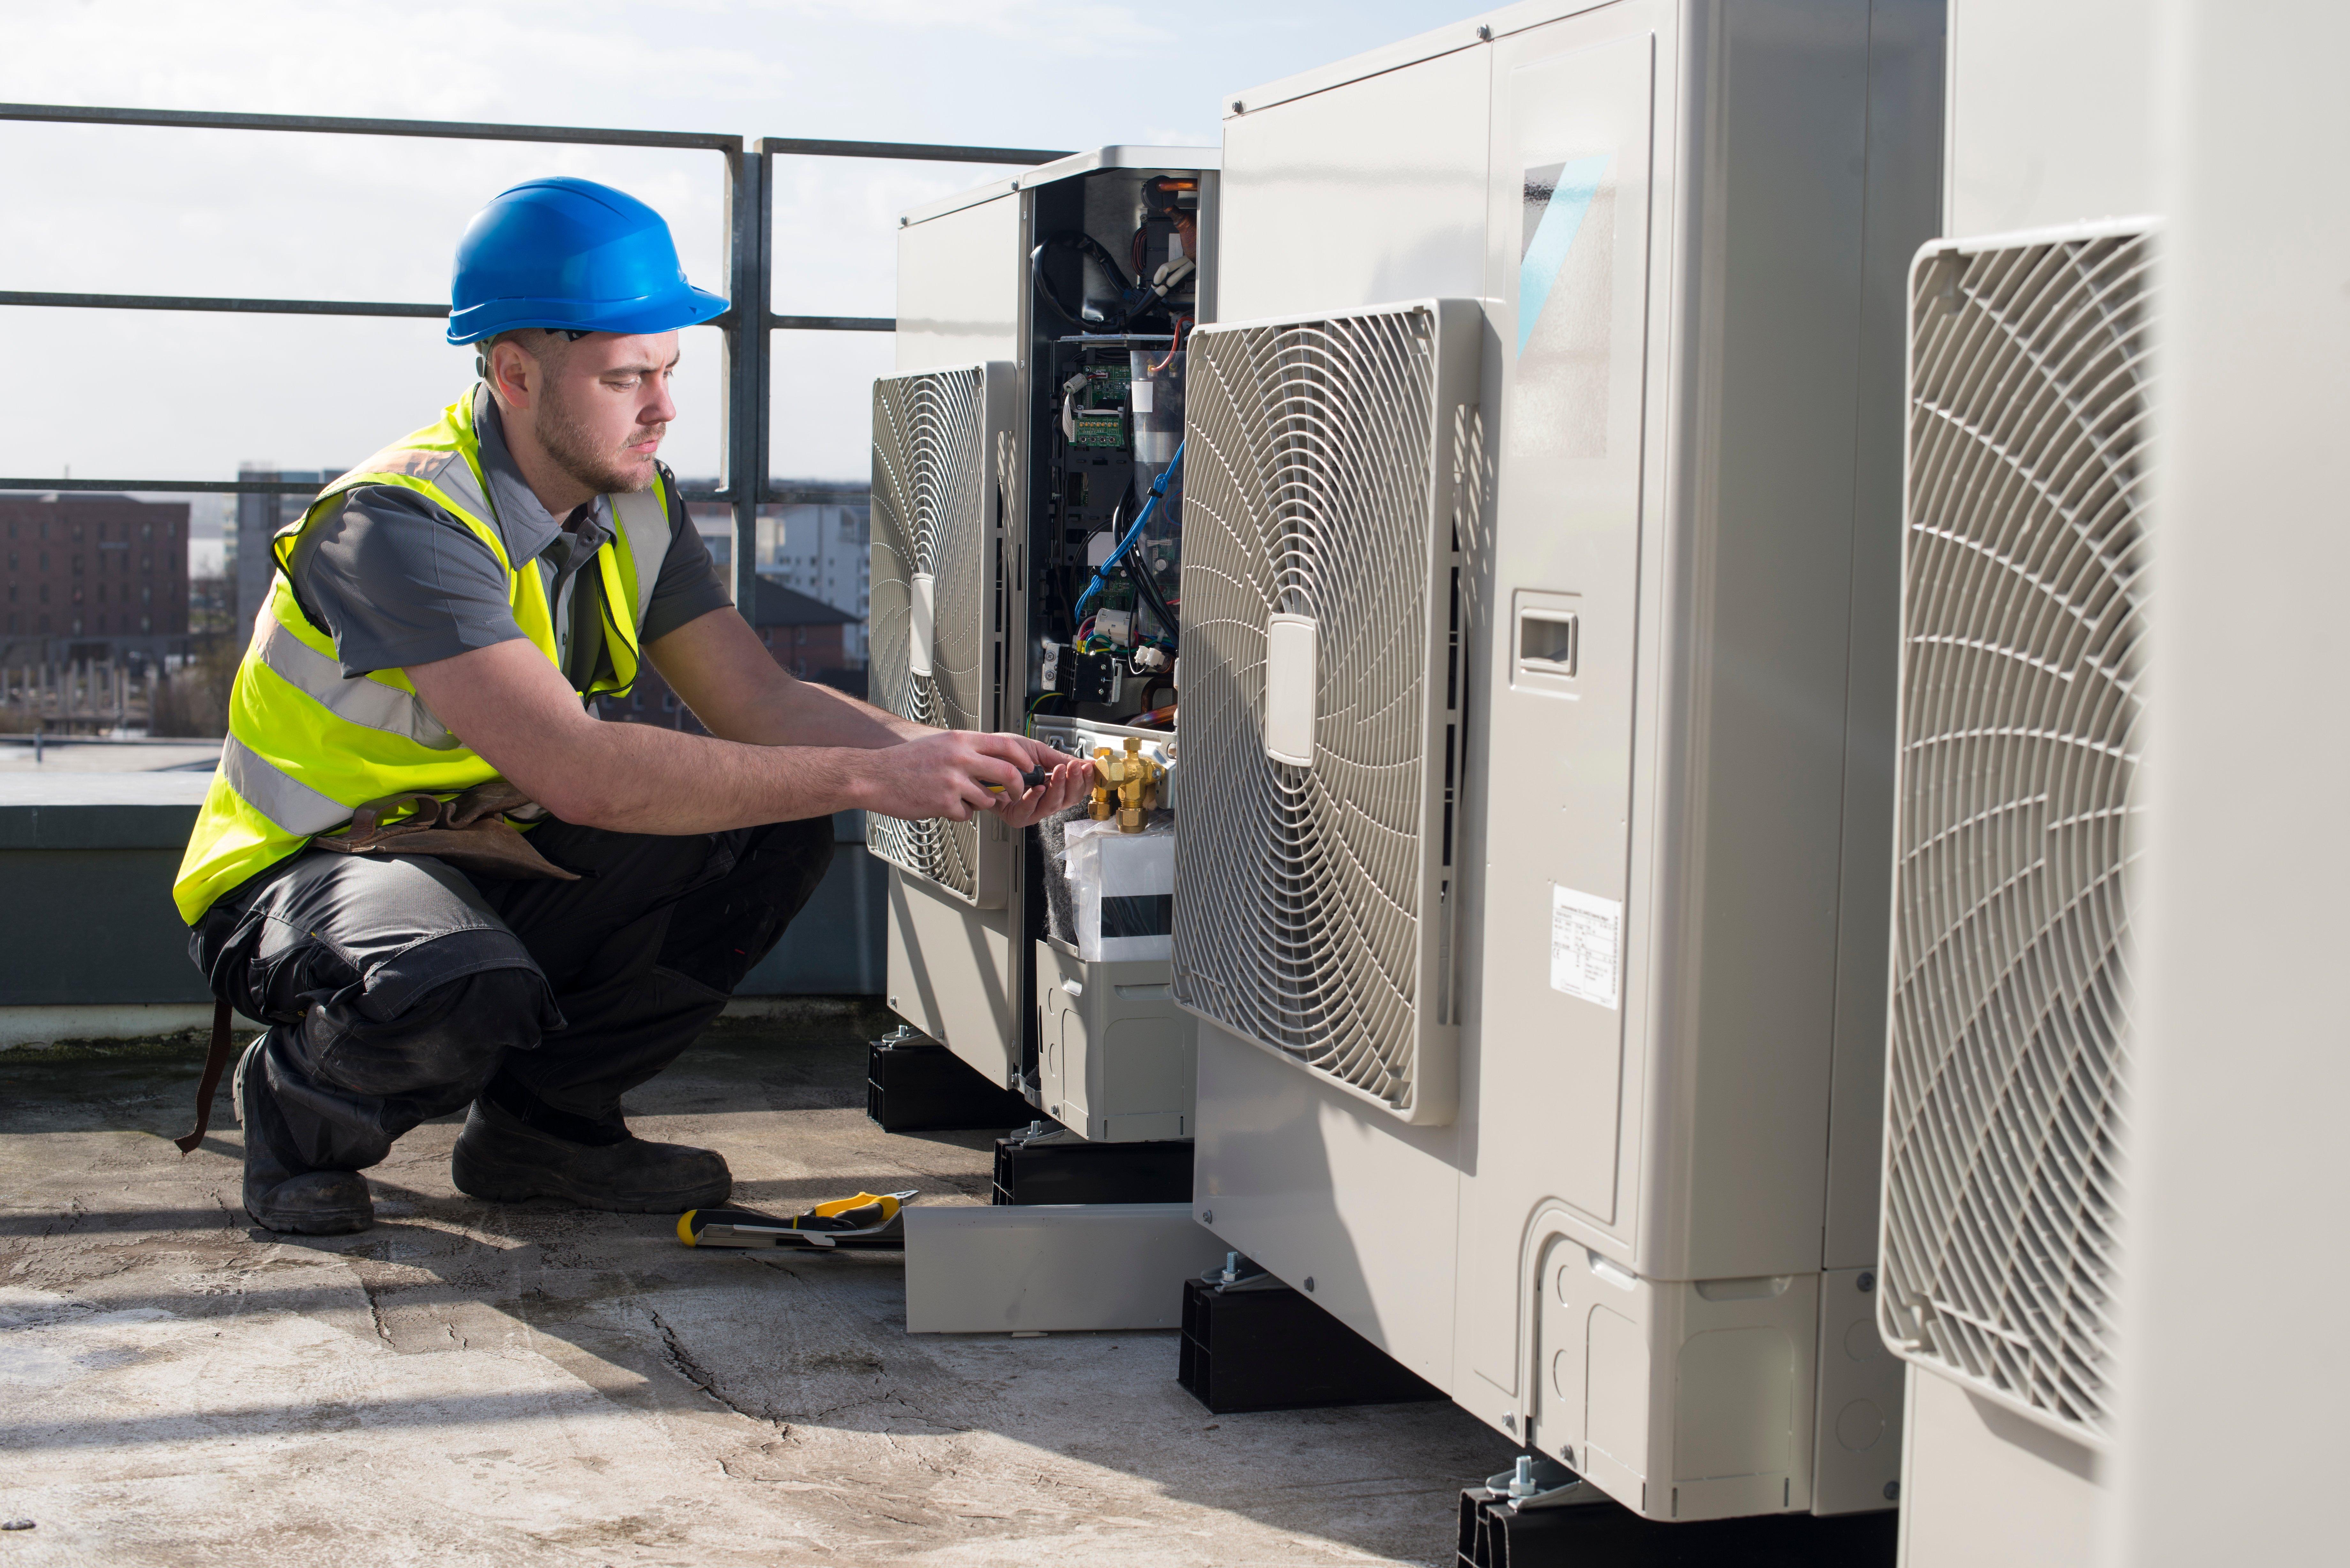 A professional commercial HVAC tech repairs AC unit